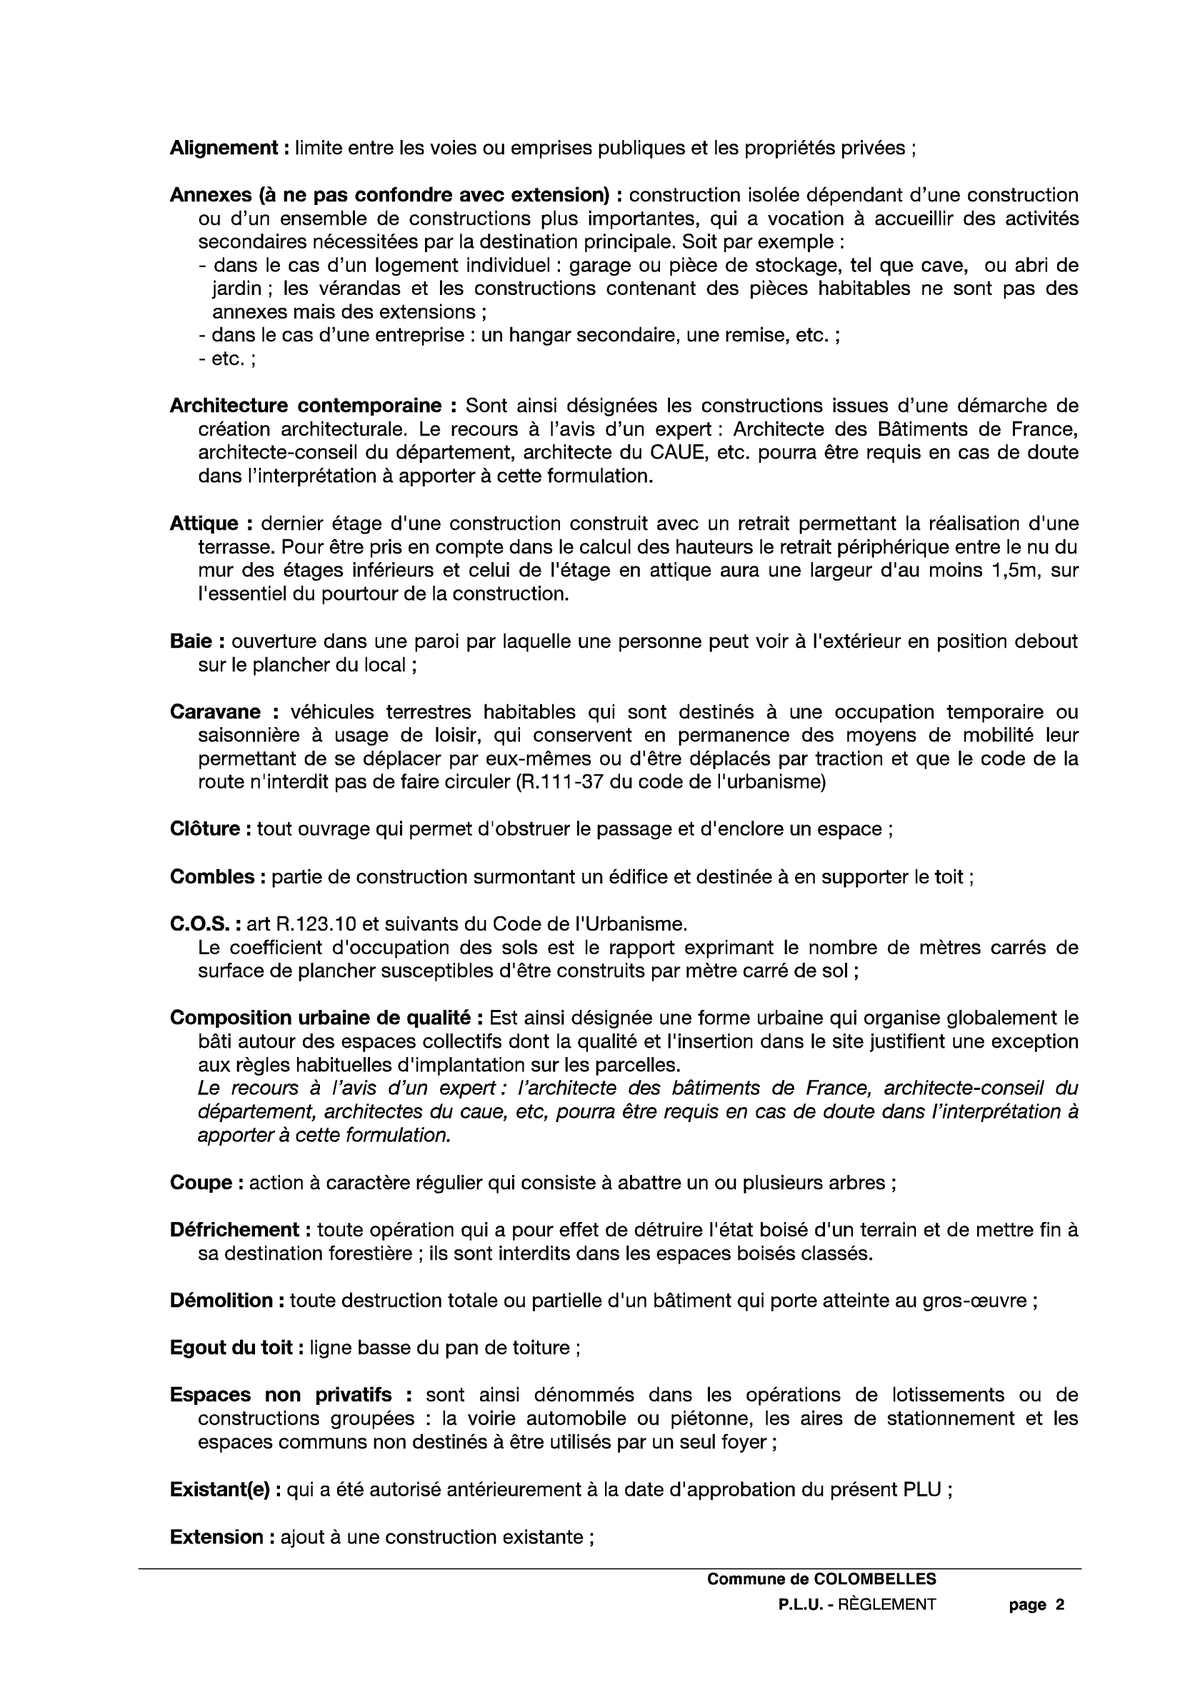 Des Sols Et Des Murs Avis plu clombelles_réglement - calameo downloader